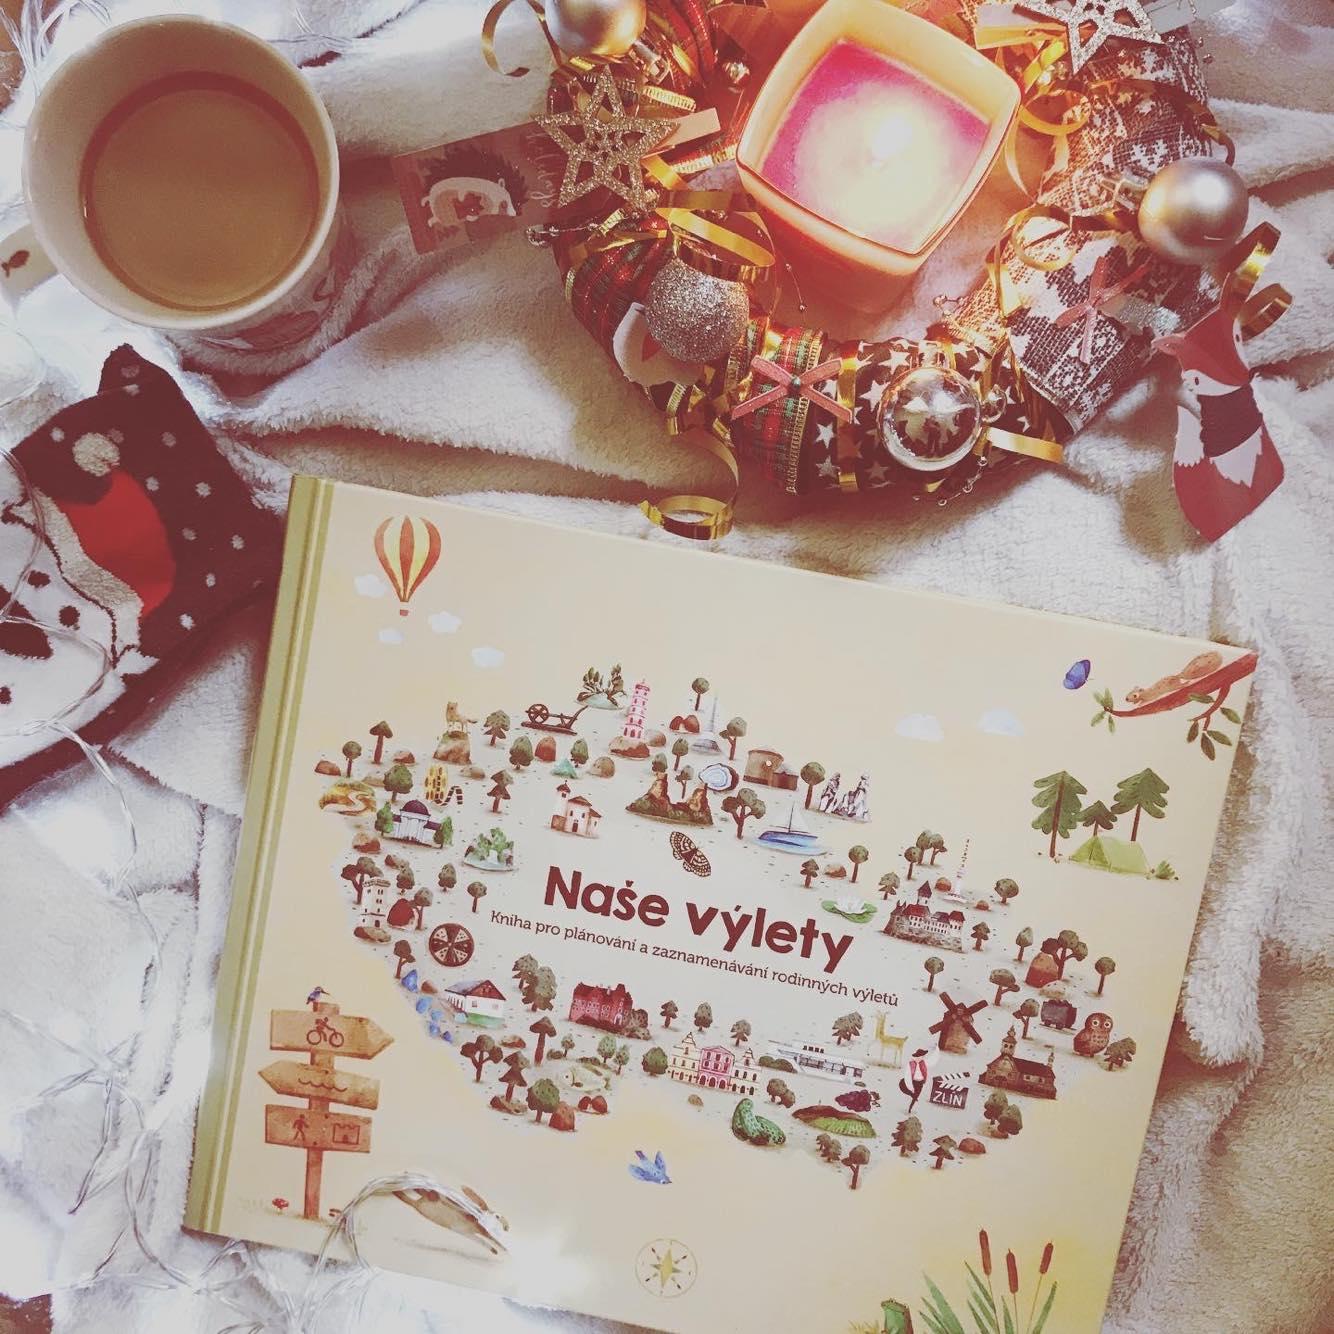 Hledáte ideální rodinný dárek? Zkuste jedinečnou knihu Naše výlety